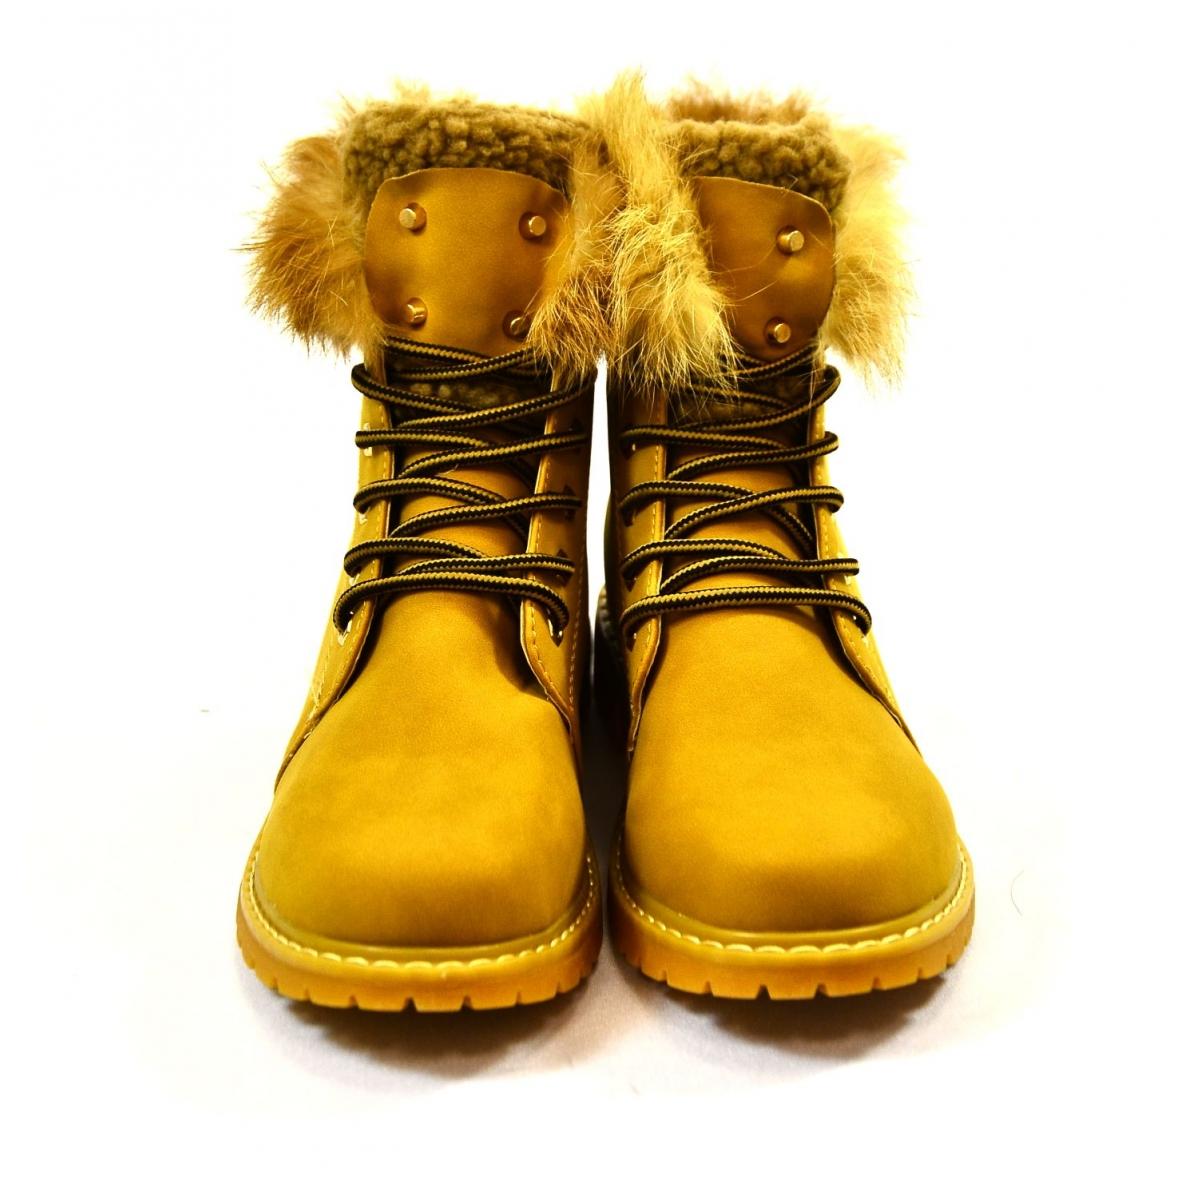 b4a985a7f Dámske žlté zimné topánky KLOE | Johnc.sk